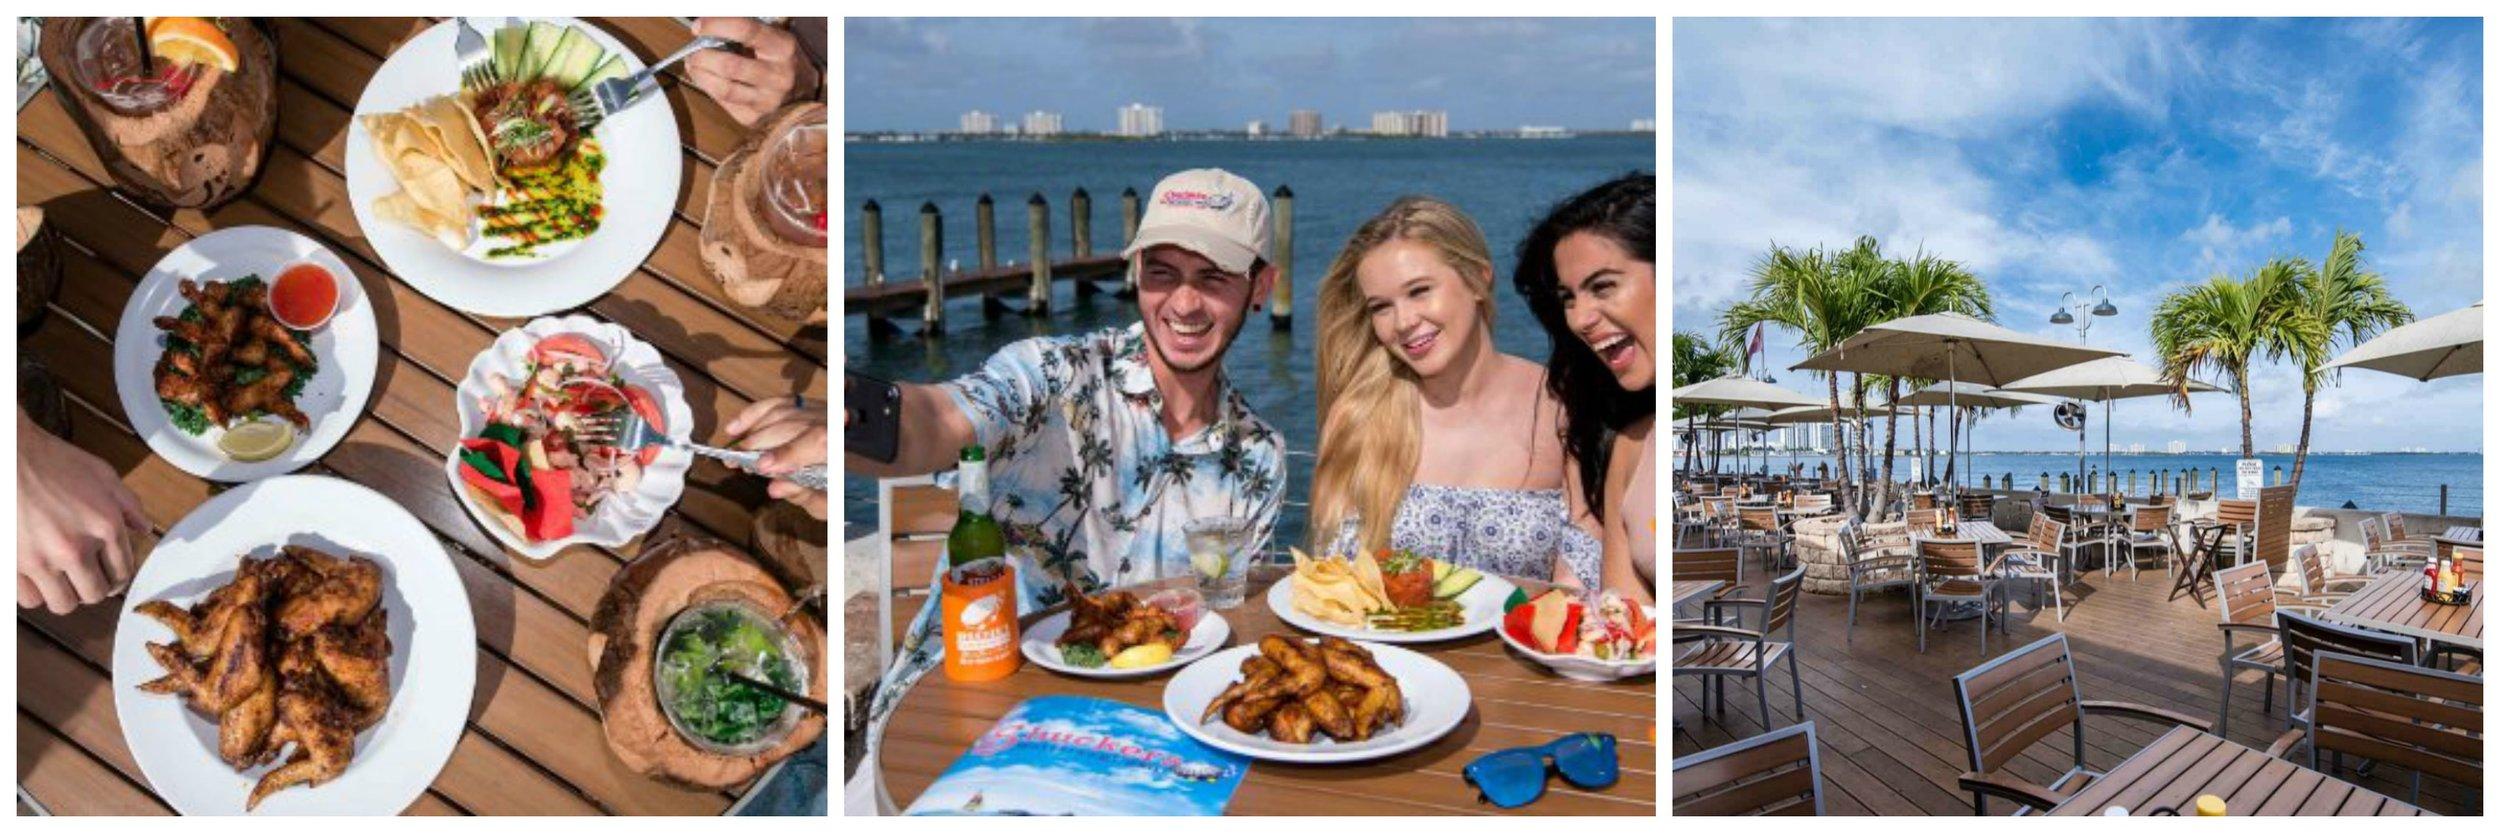 Shuckers Miami Beach